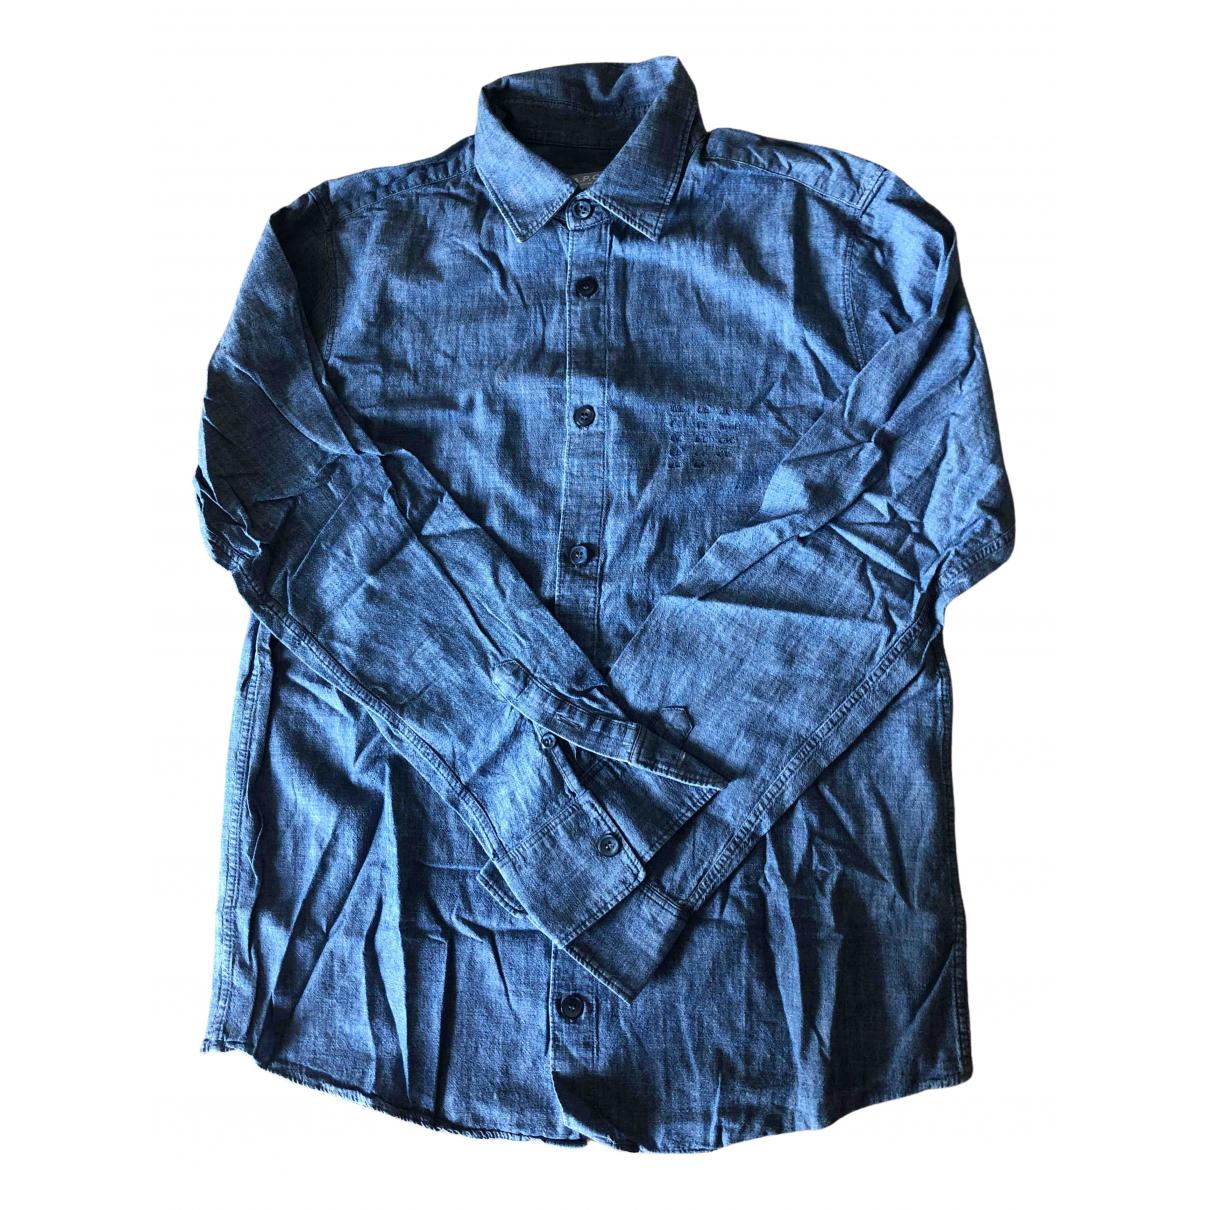 Apc - Chemises   pour homme en denim - bleu